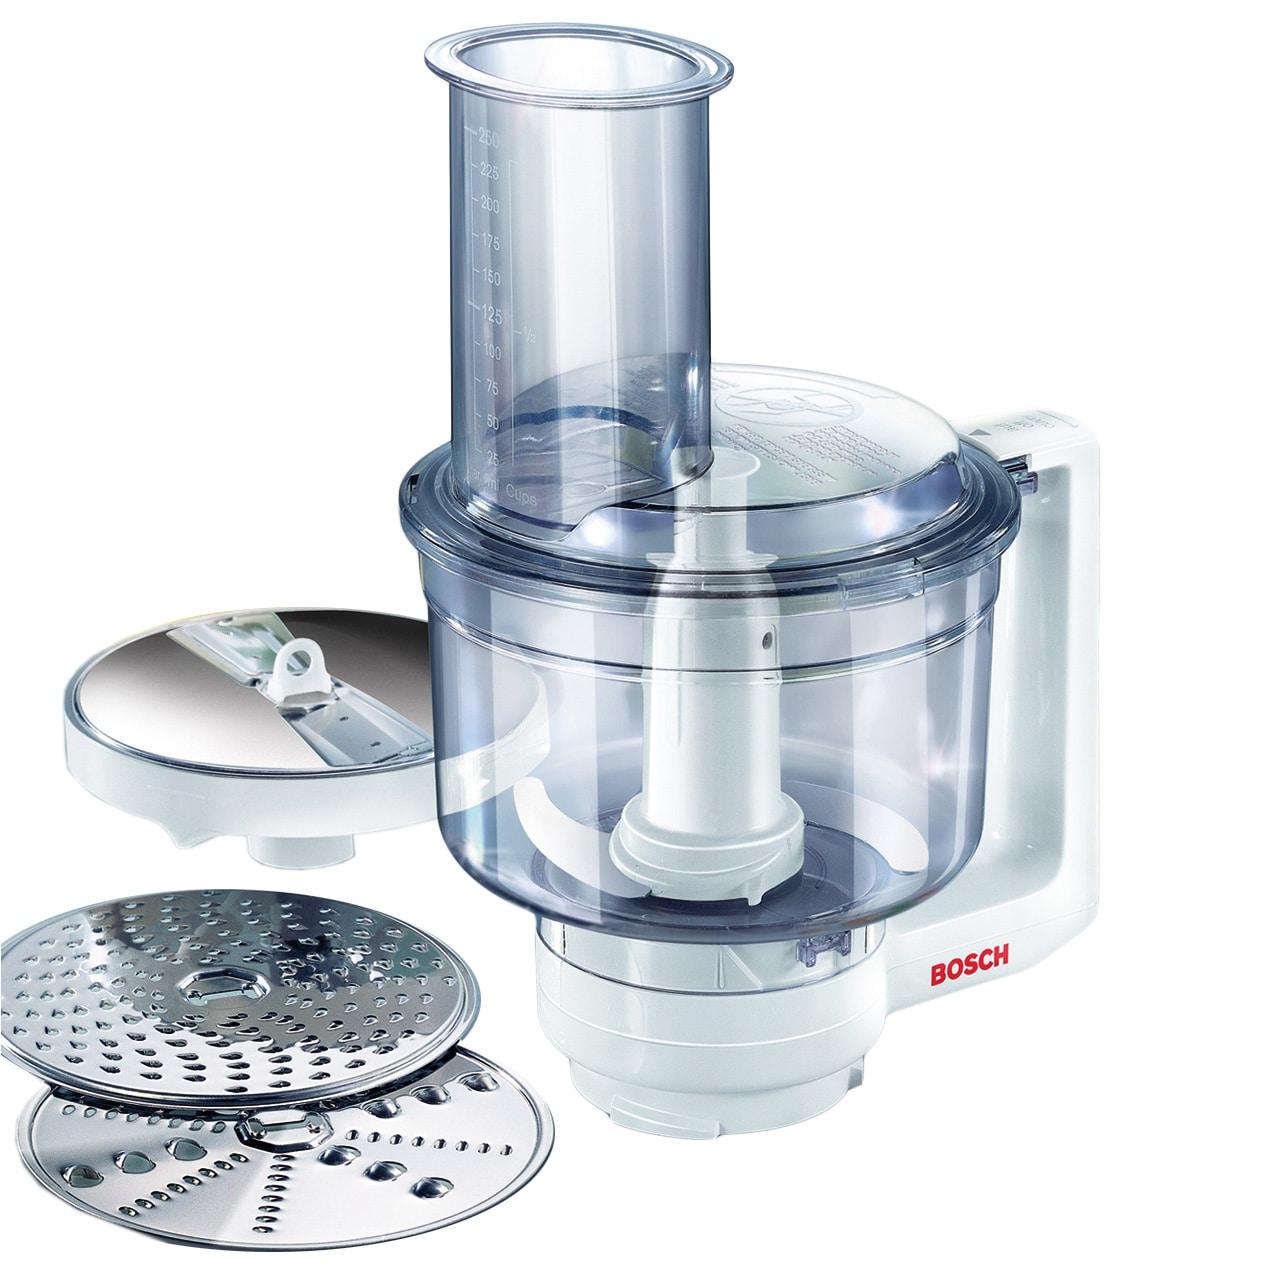 White Bosch Kitchen Appliances   Find Great Kitchen & Dining Deals ...